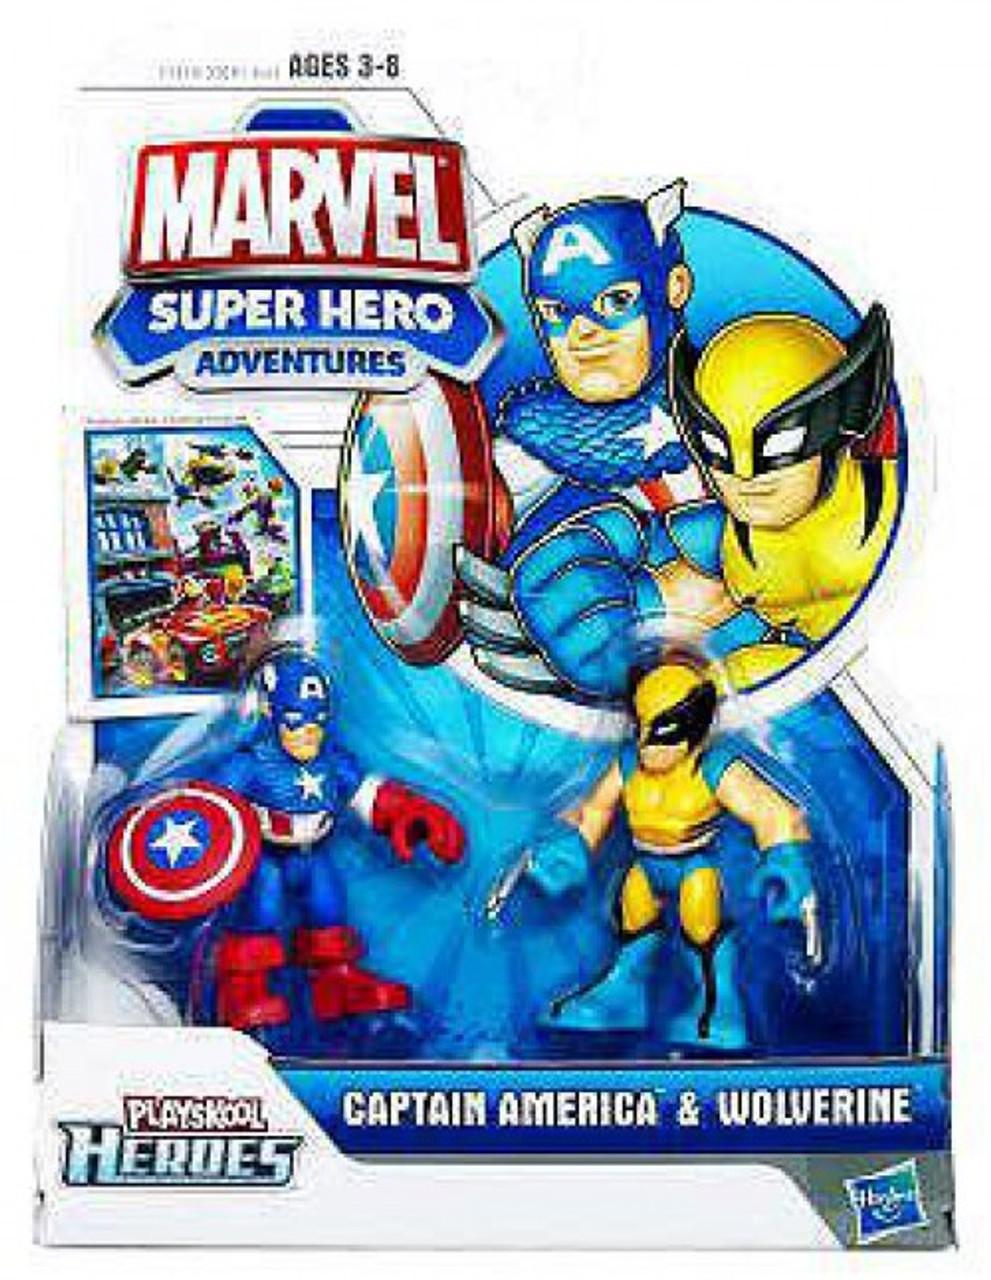 Nouveau Marvel Playskool Heroes Super Hero Hulk et Wolverine Avengers Infinity War